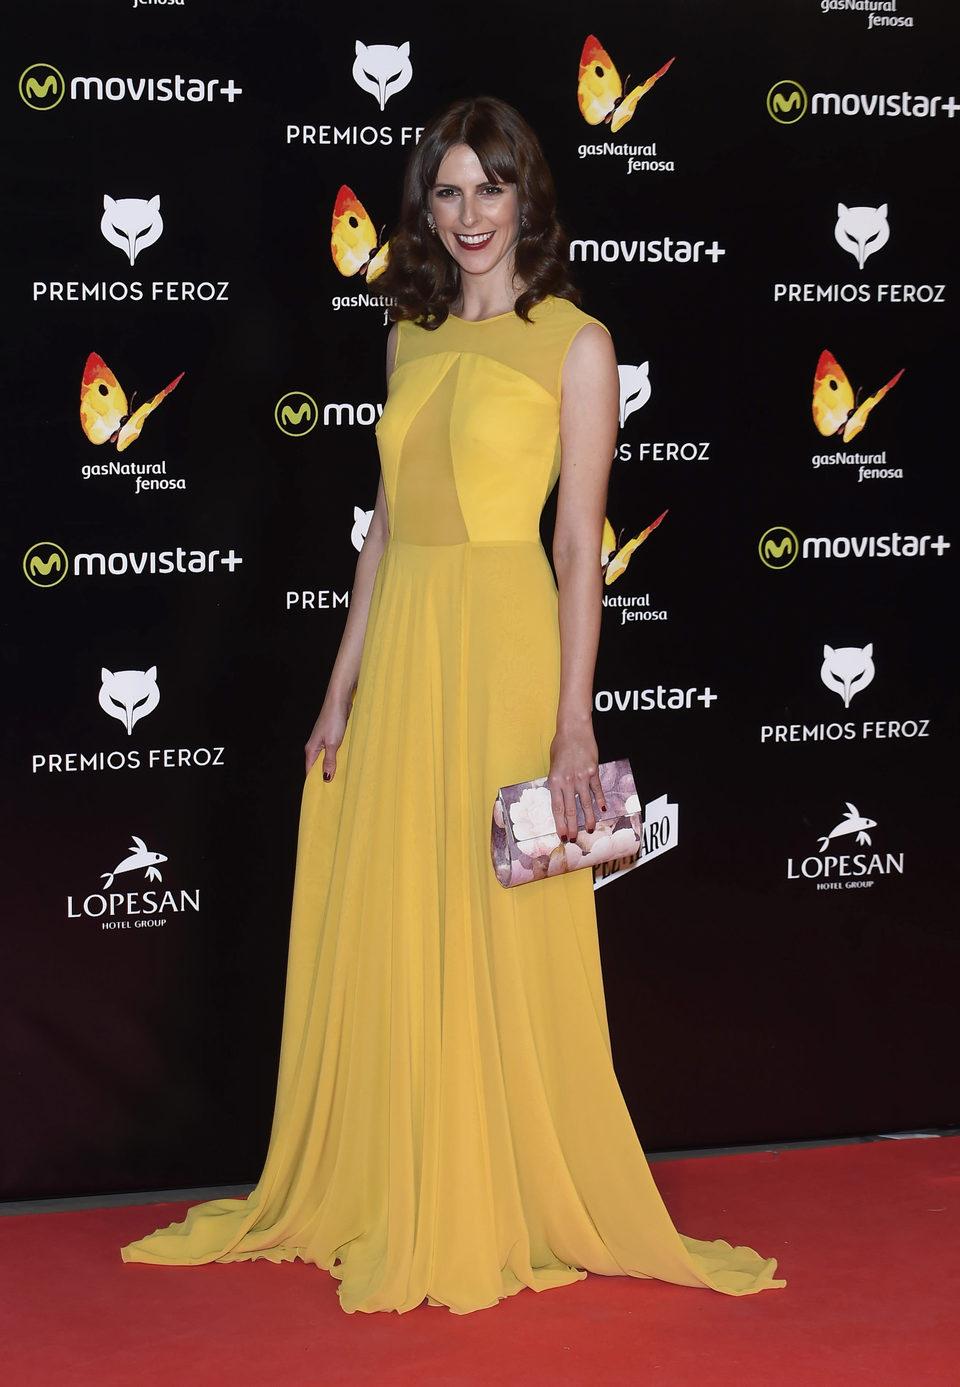 Bárbara Santa-Cruz en la alfombra roja de los Premios Feroz 2016